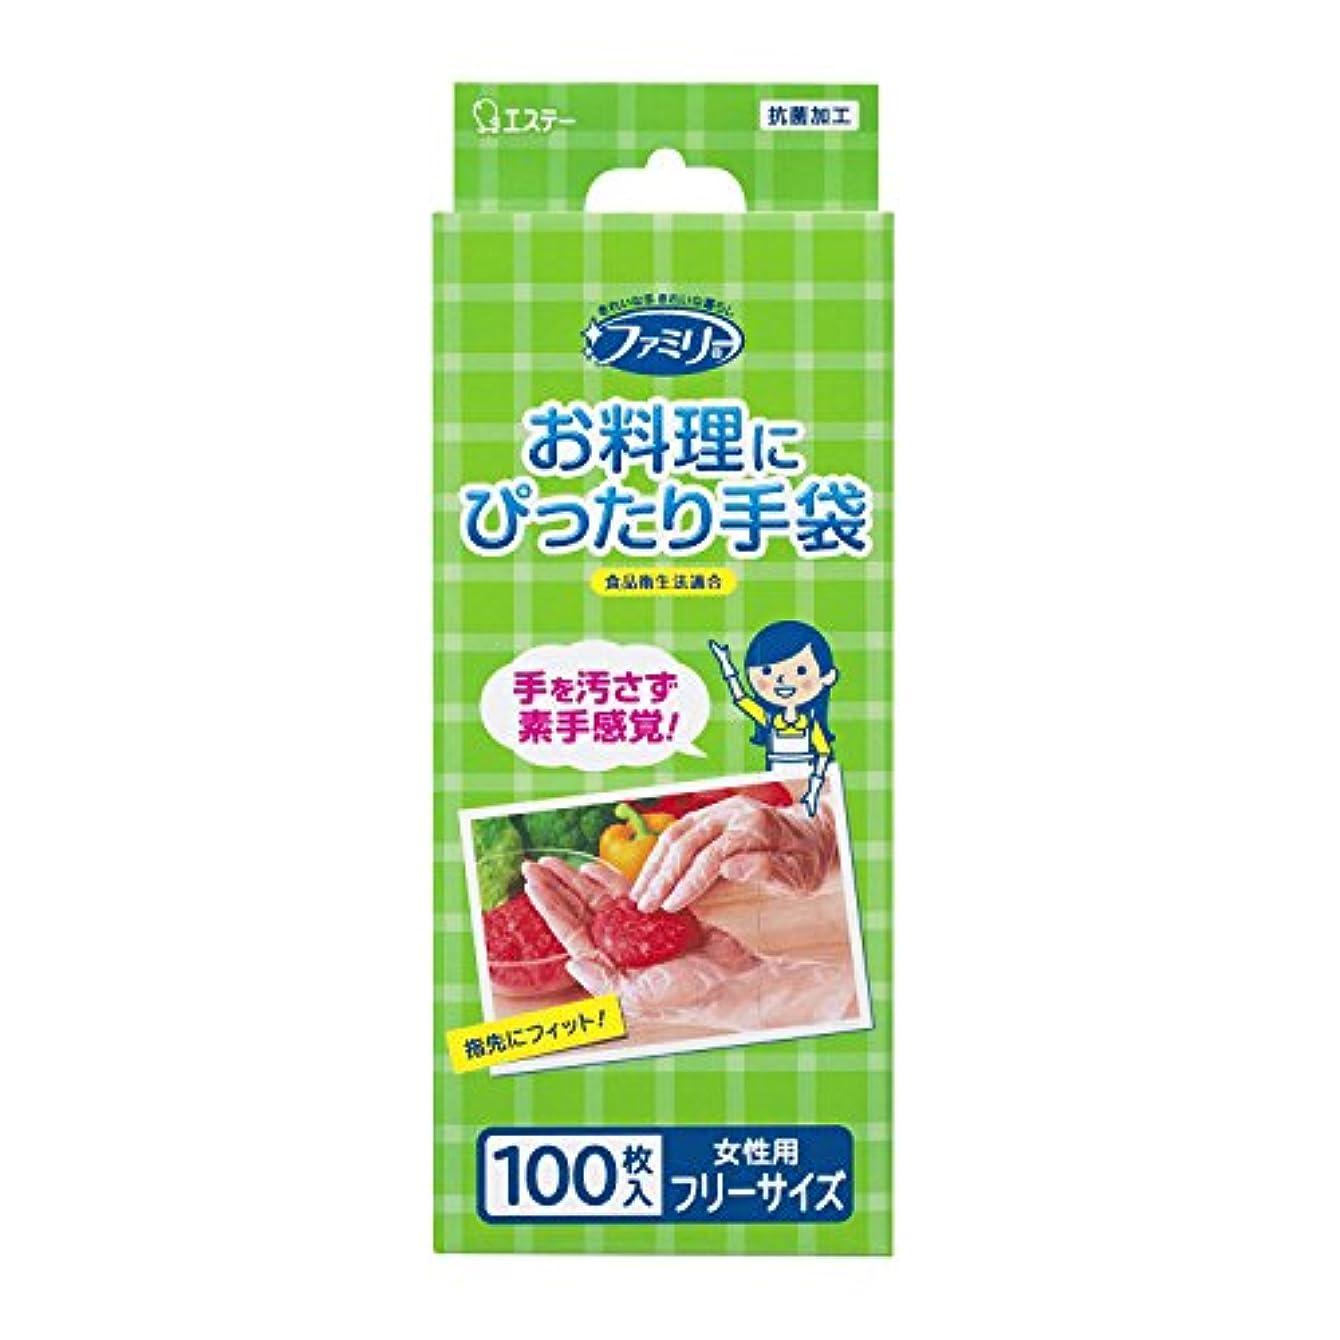 ほこりっぽい布ハグファミリ- お料理にぴったり手袋 女性用 フリーサイズ キッチン 半透明 100枚